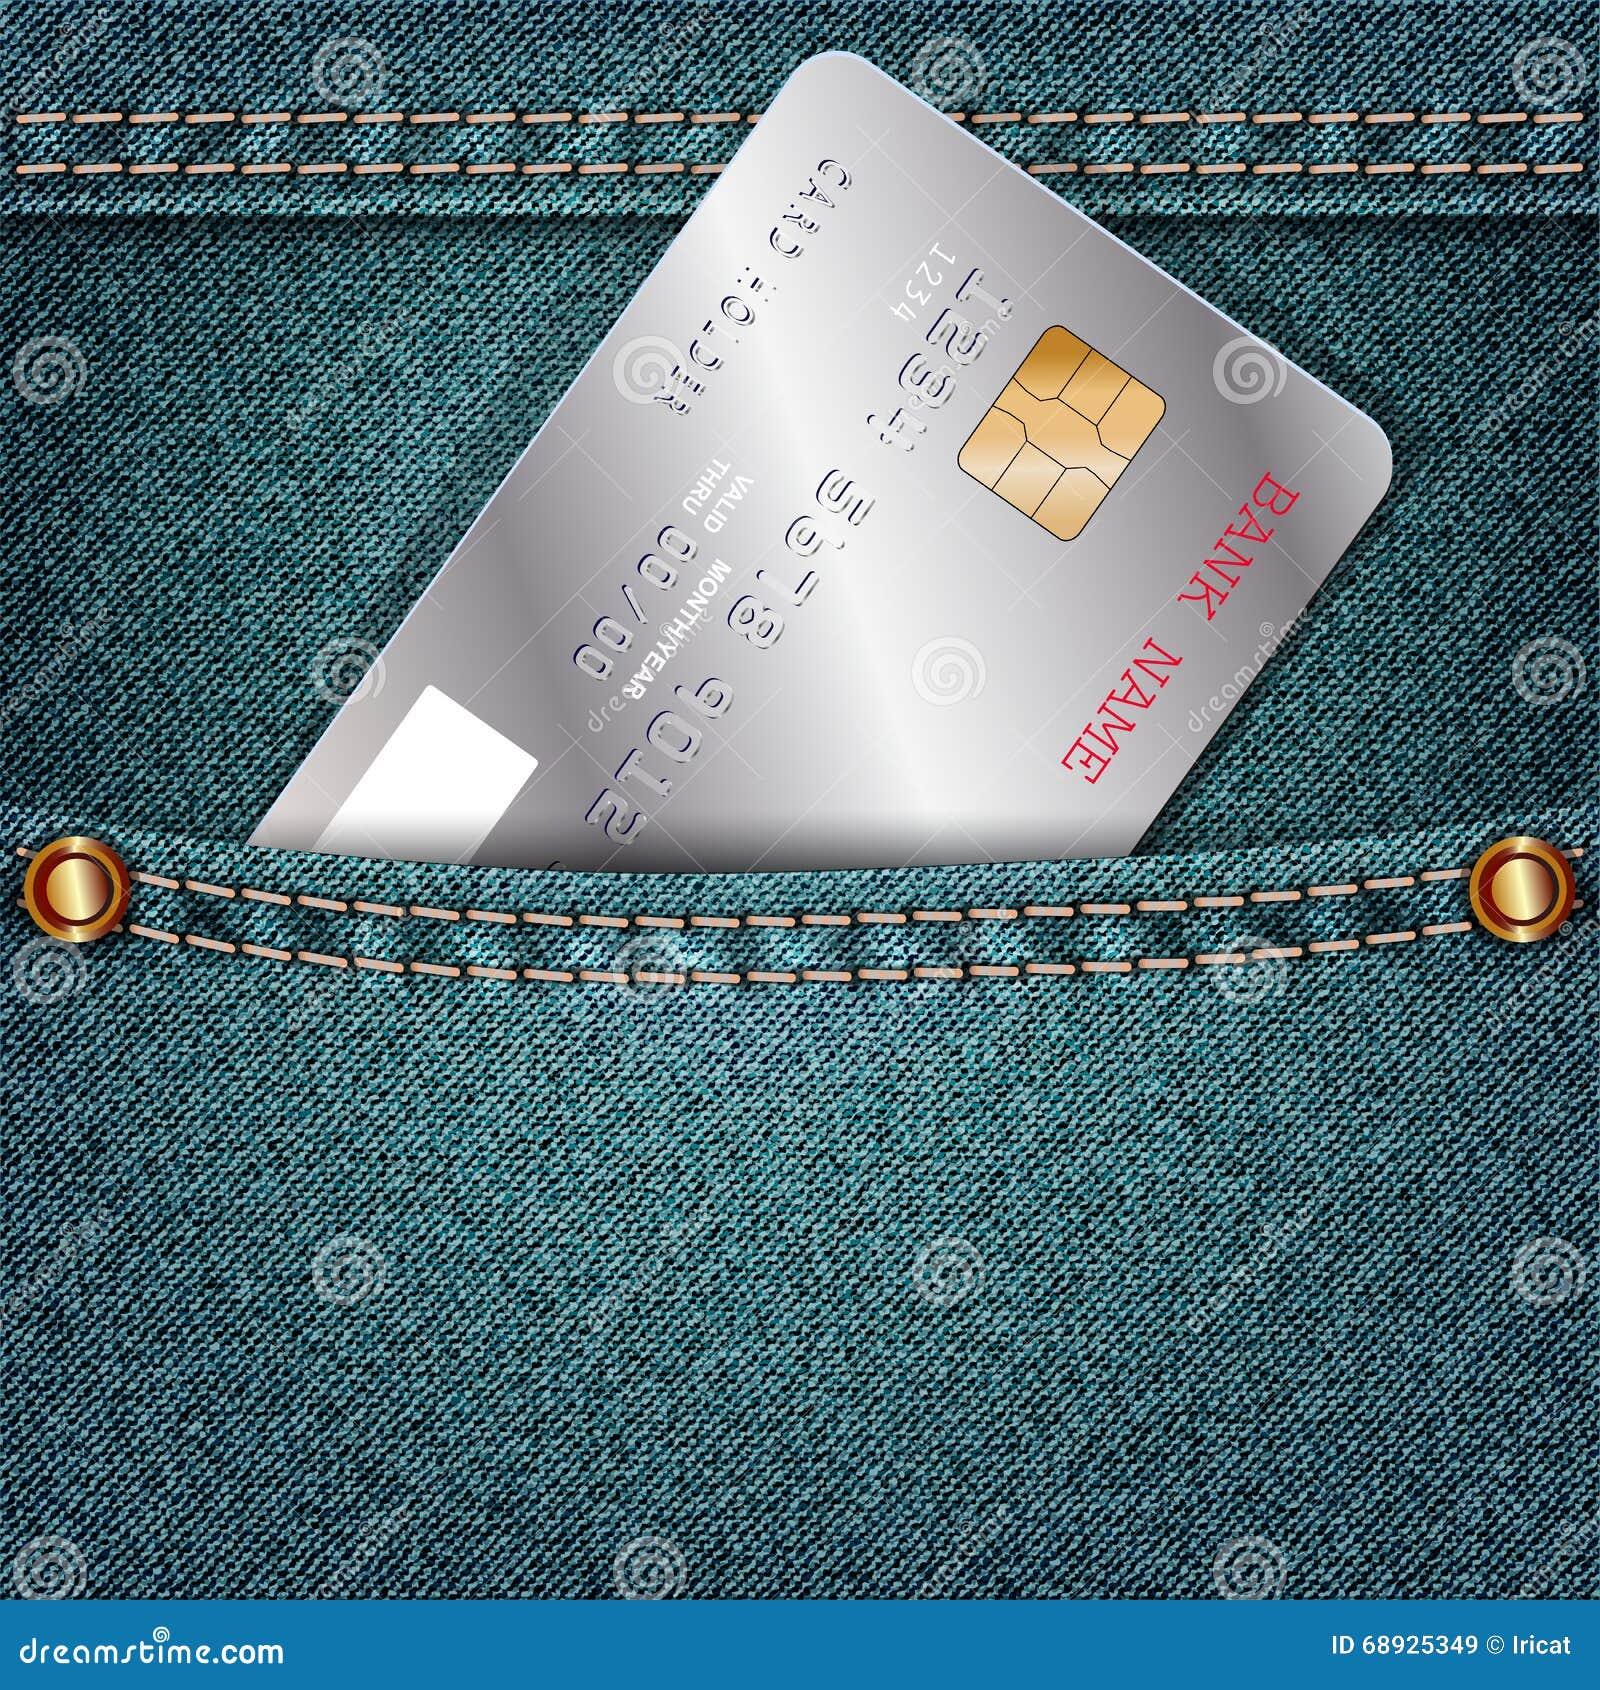 As calças de brim pocket com um único cartão de crédito de prata